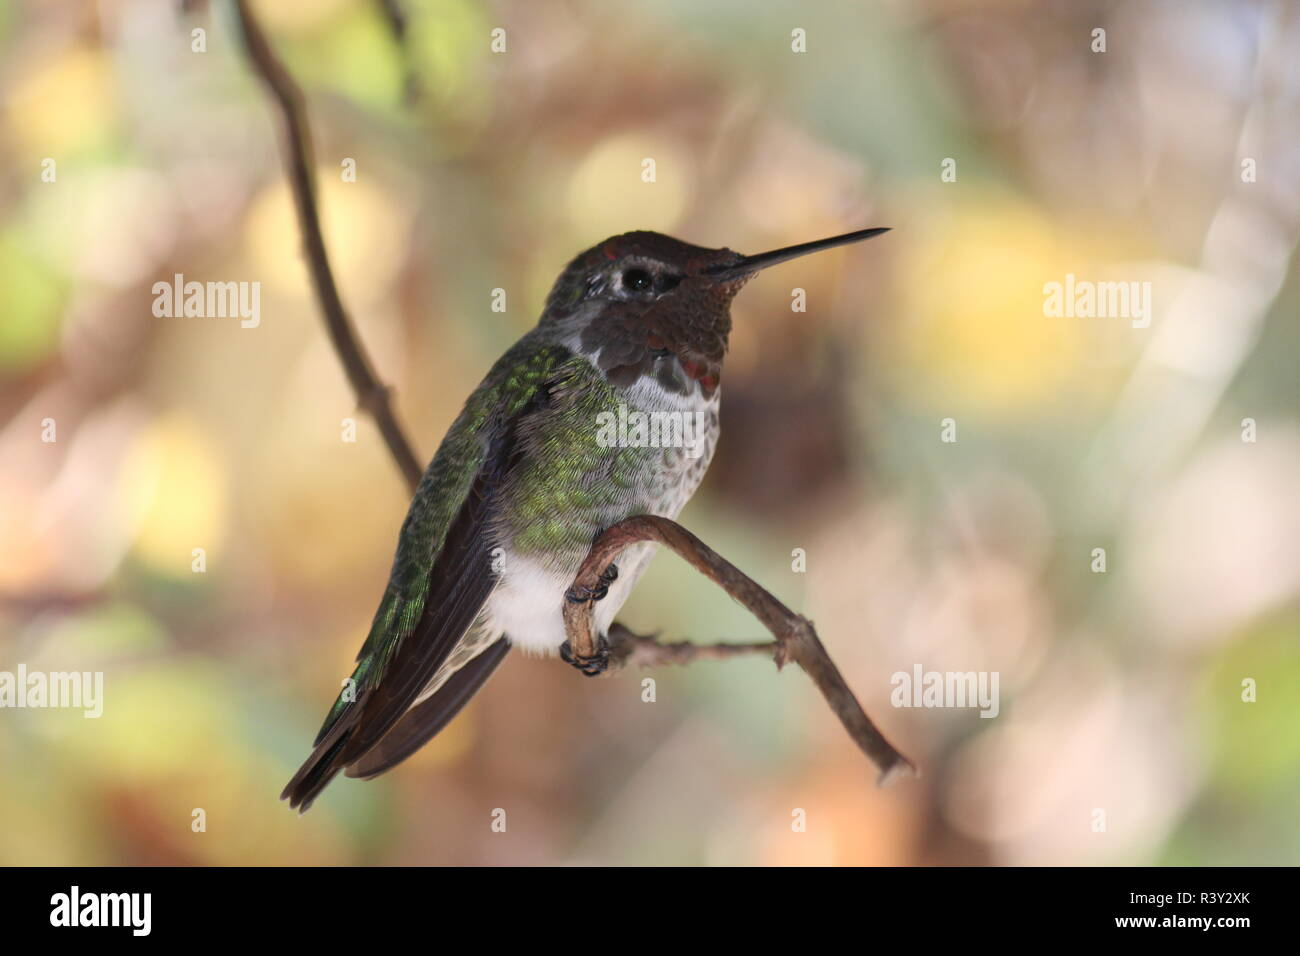 Ein Kolibrie auf einem Ast, Nahaufnahme - Stock Image